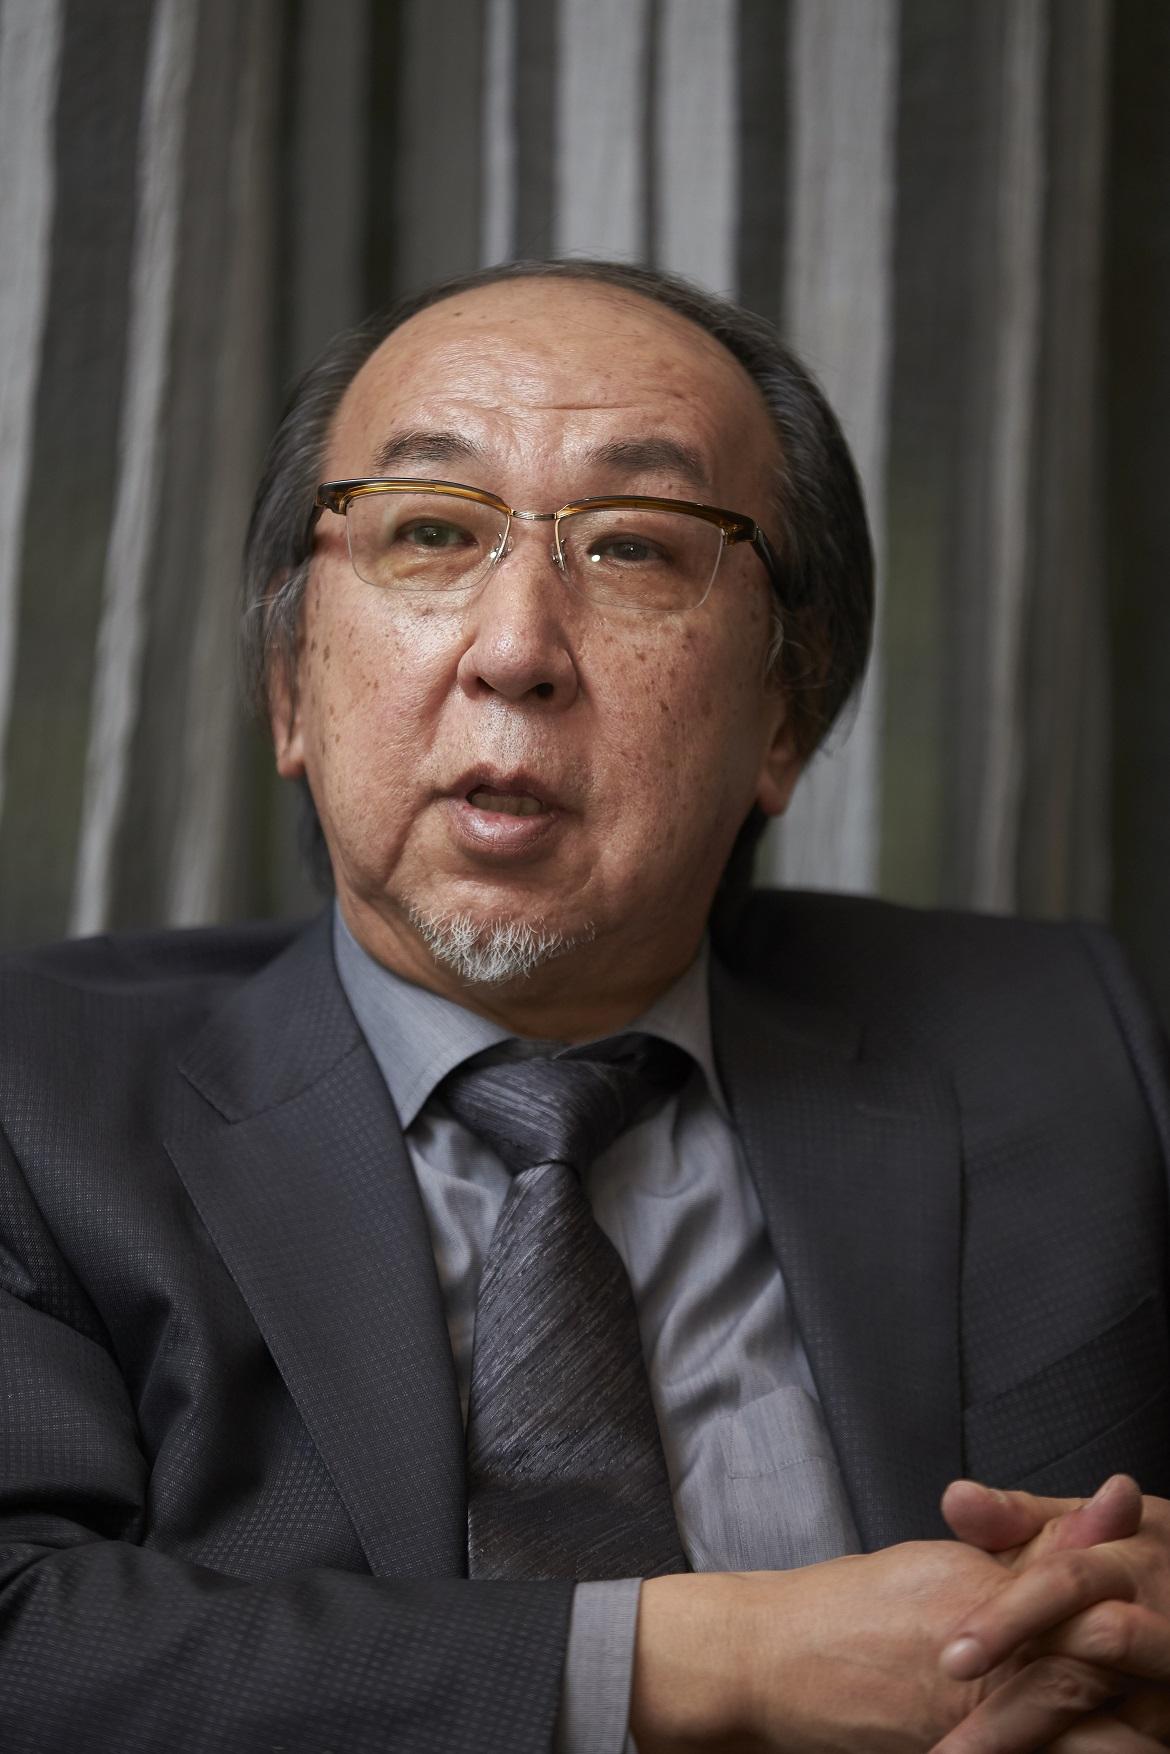 Hideo Yokoyama